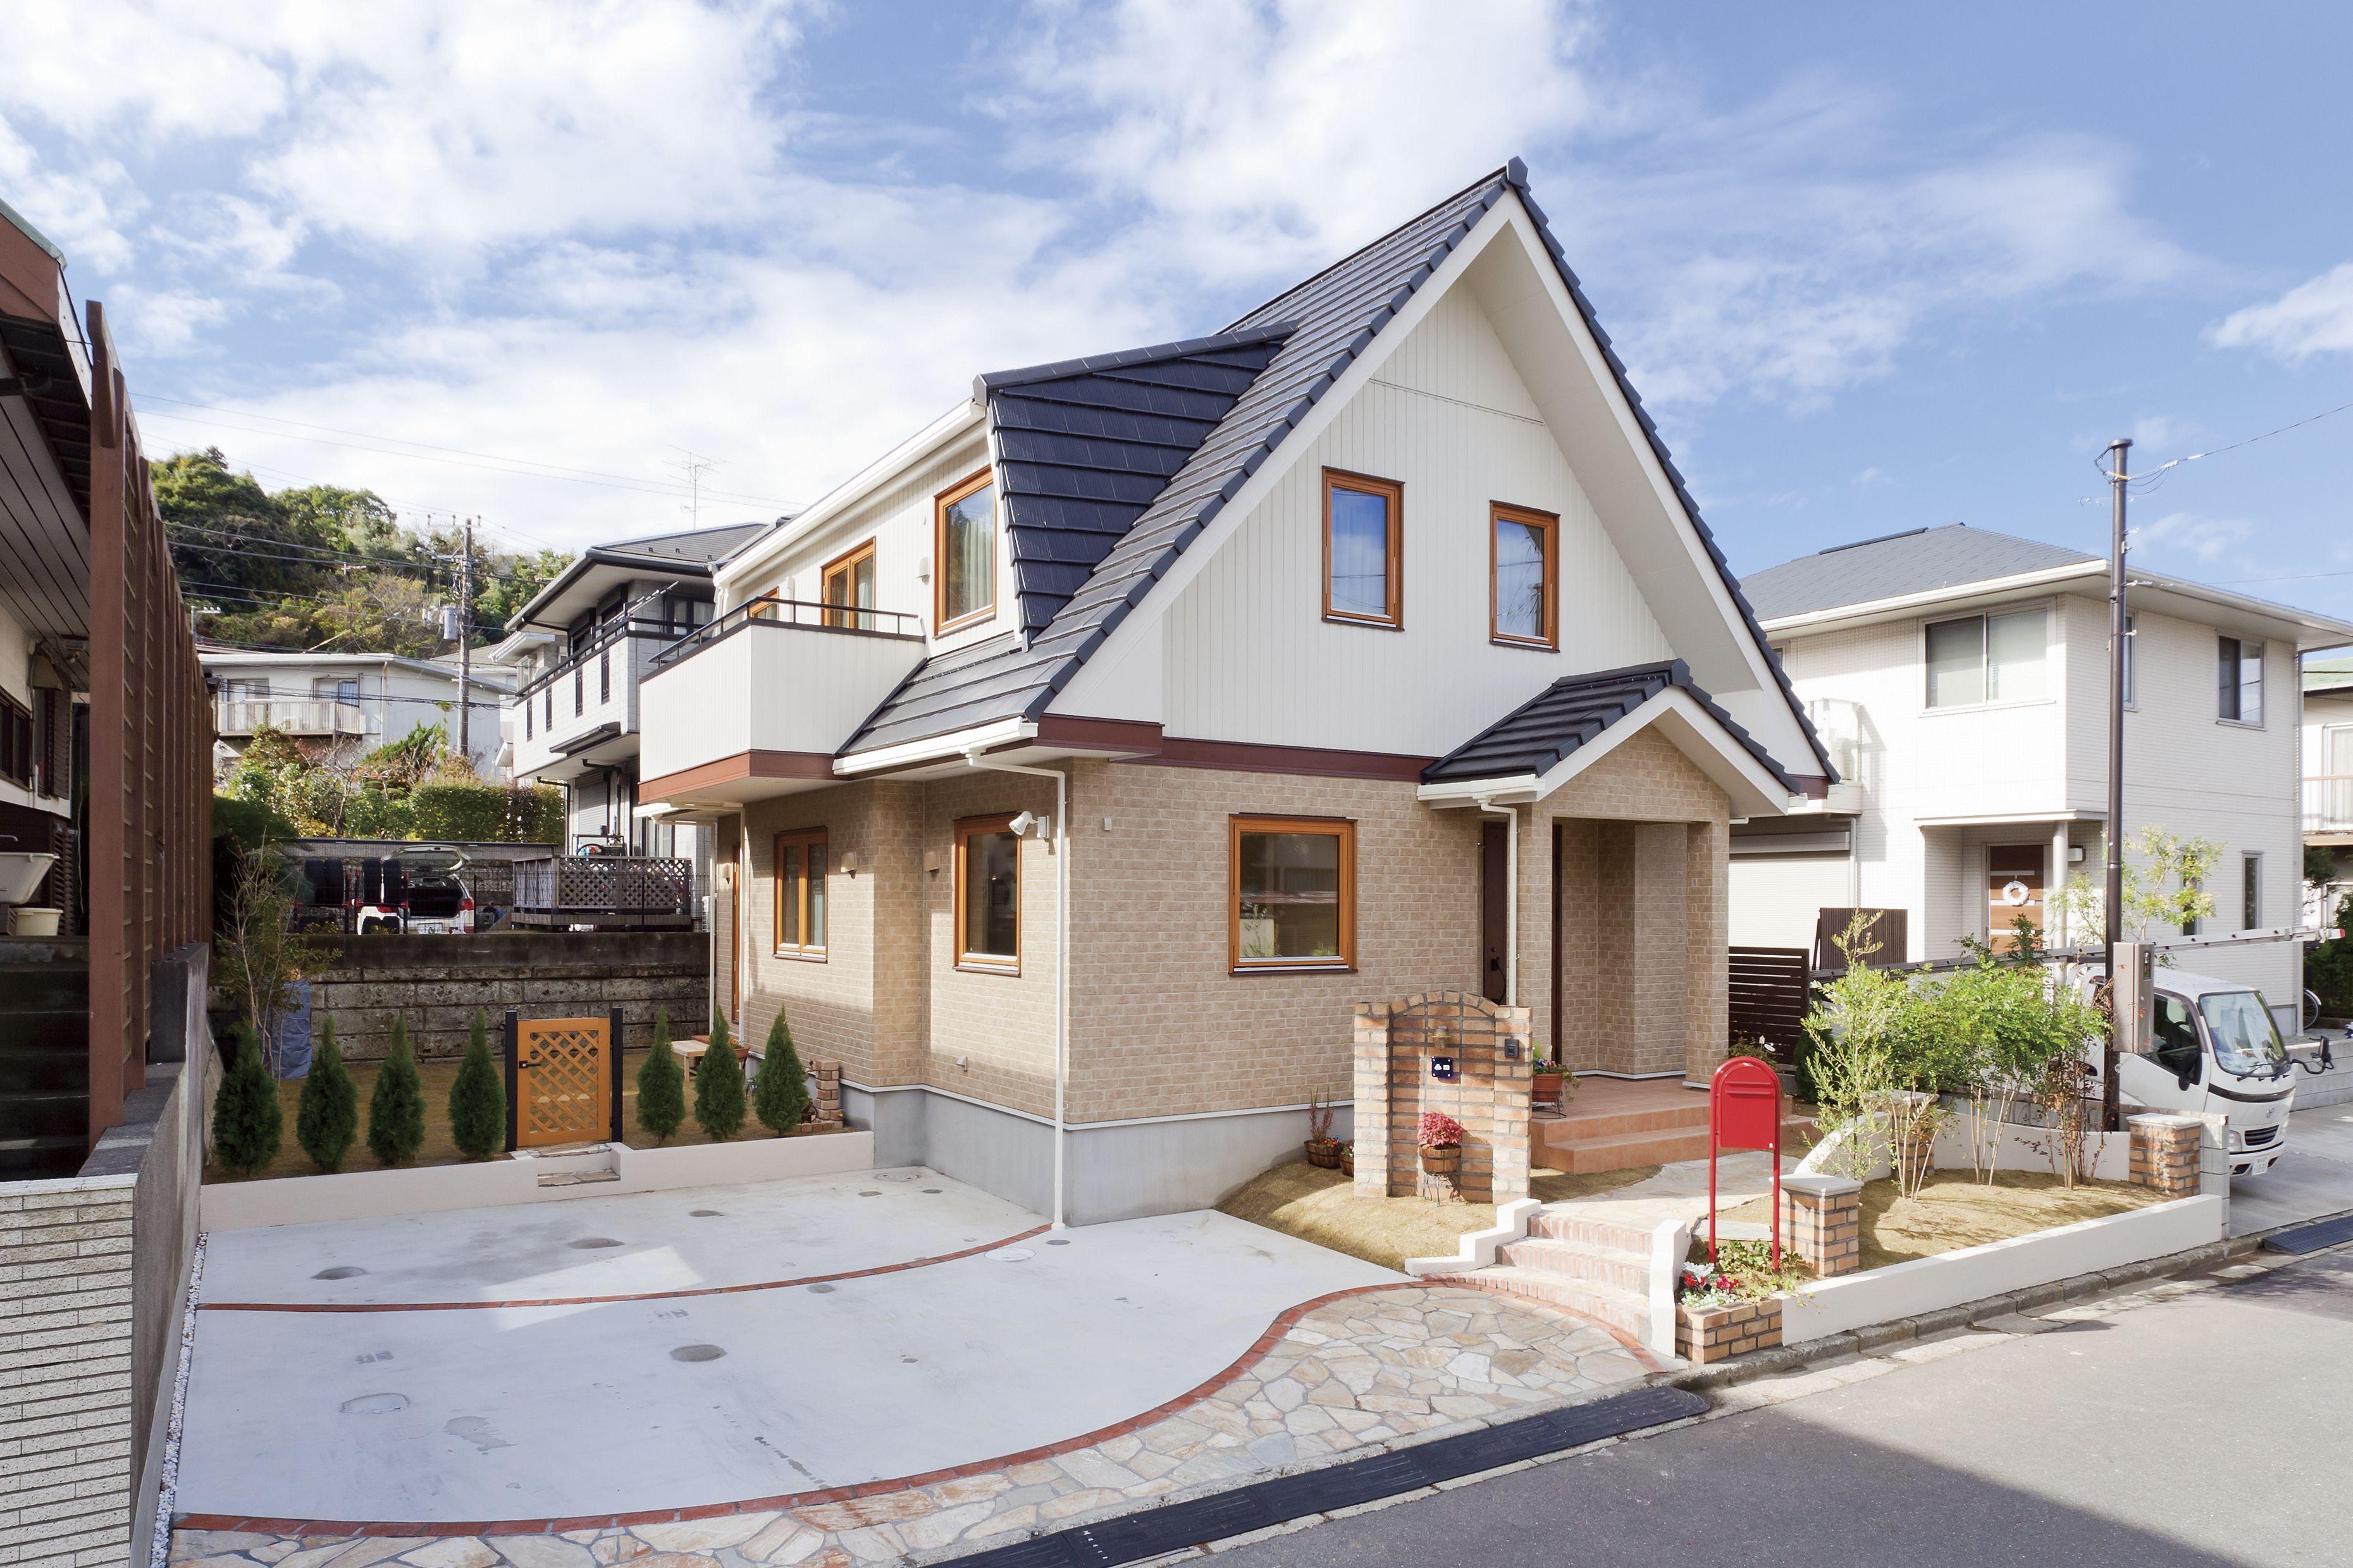 北欧外観 ツートン外観 北欧住宅 木製サッシ 木製窓 北欧住宅